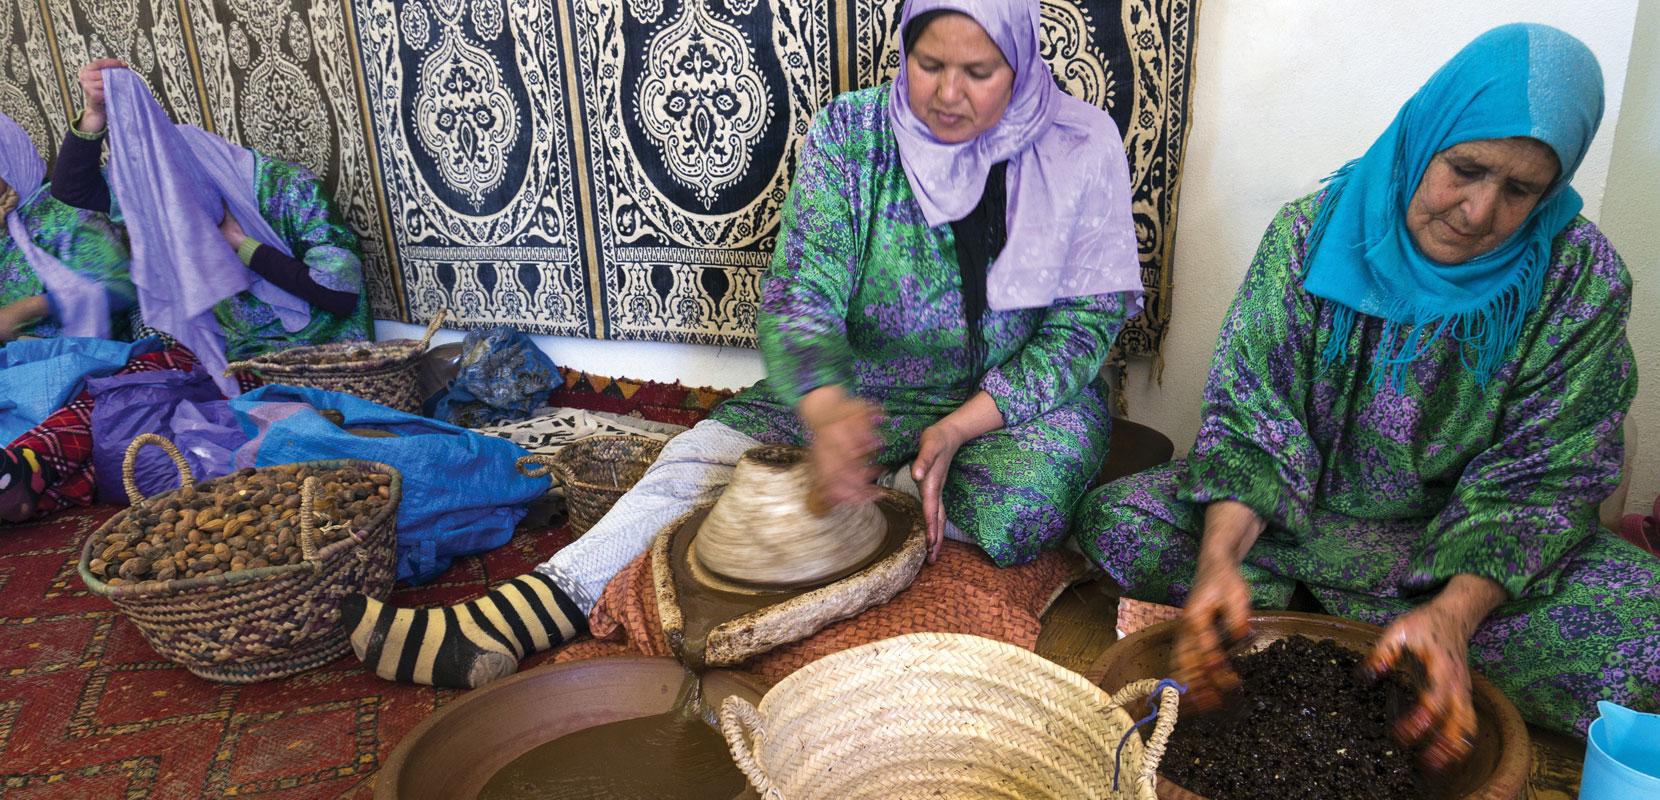 Women processing fruit in baskets